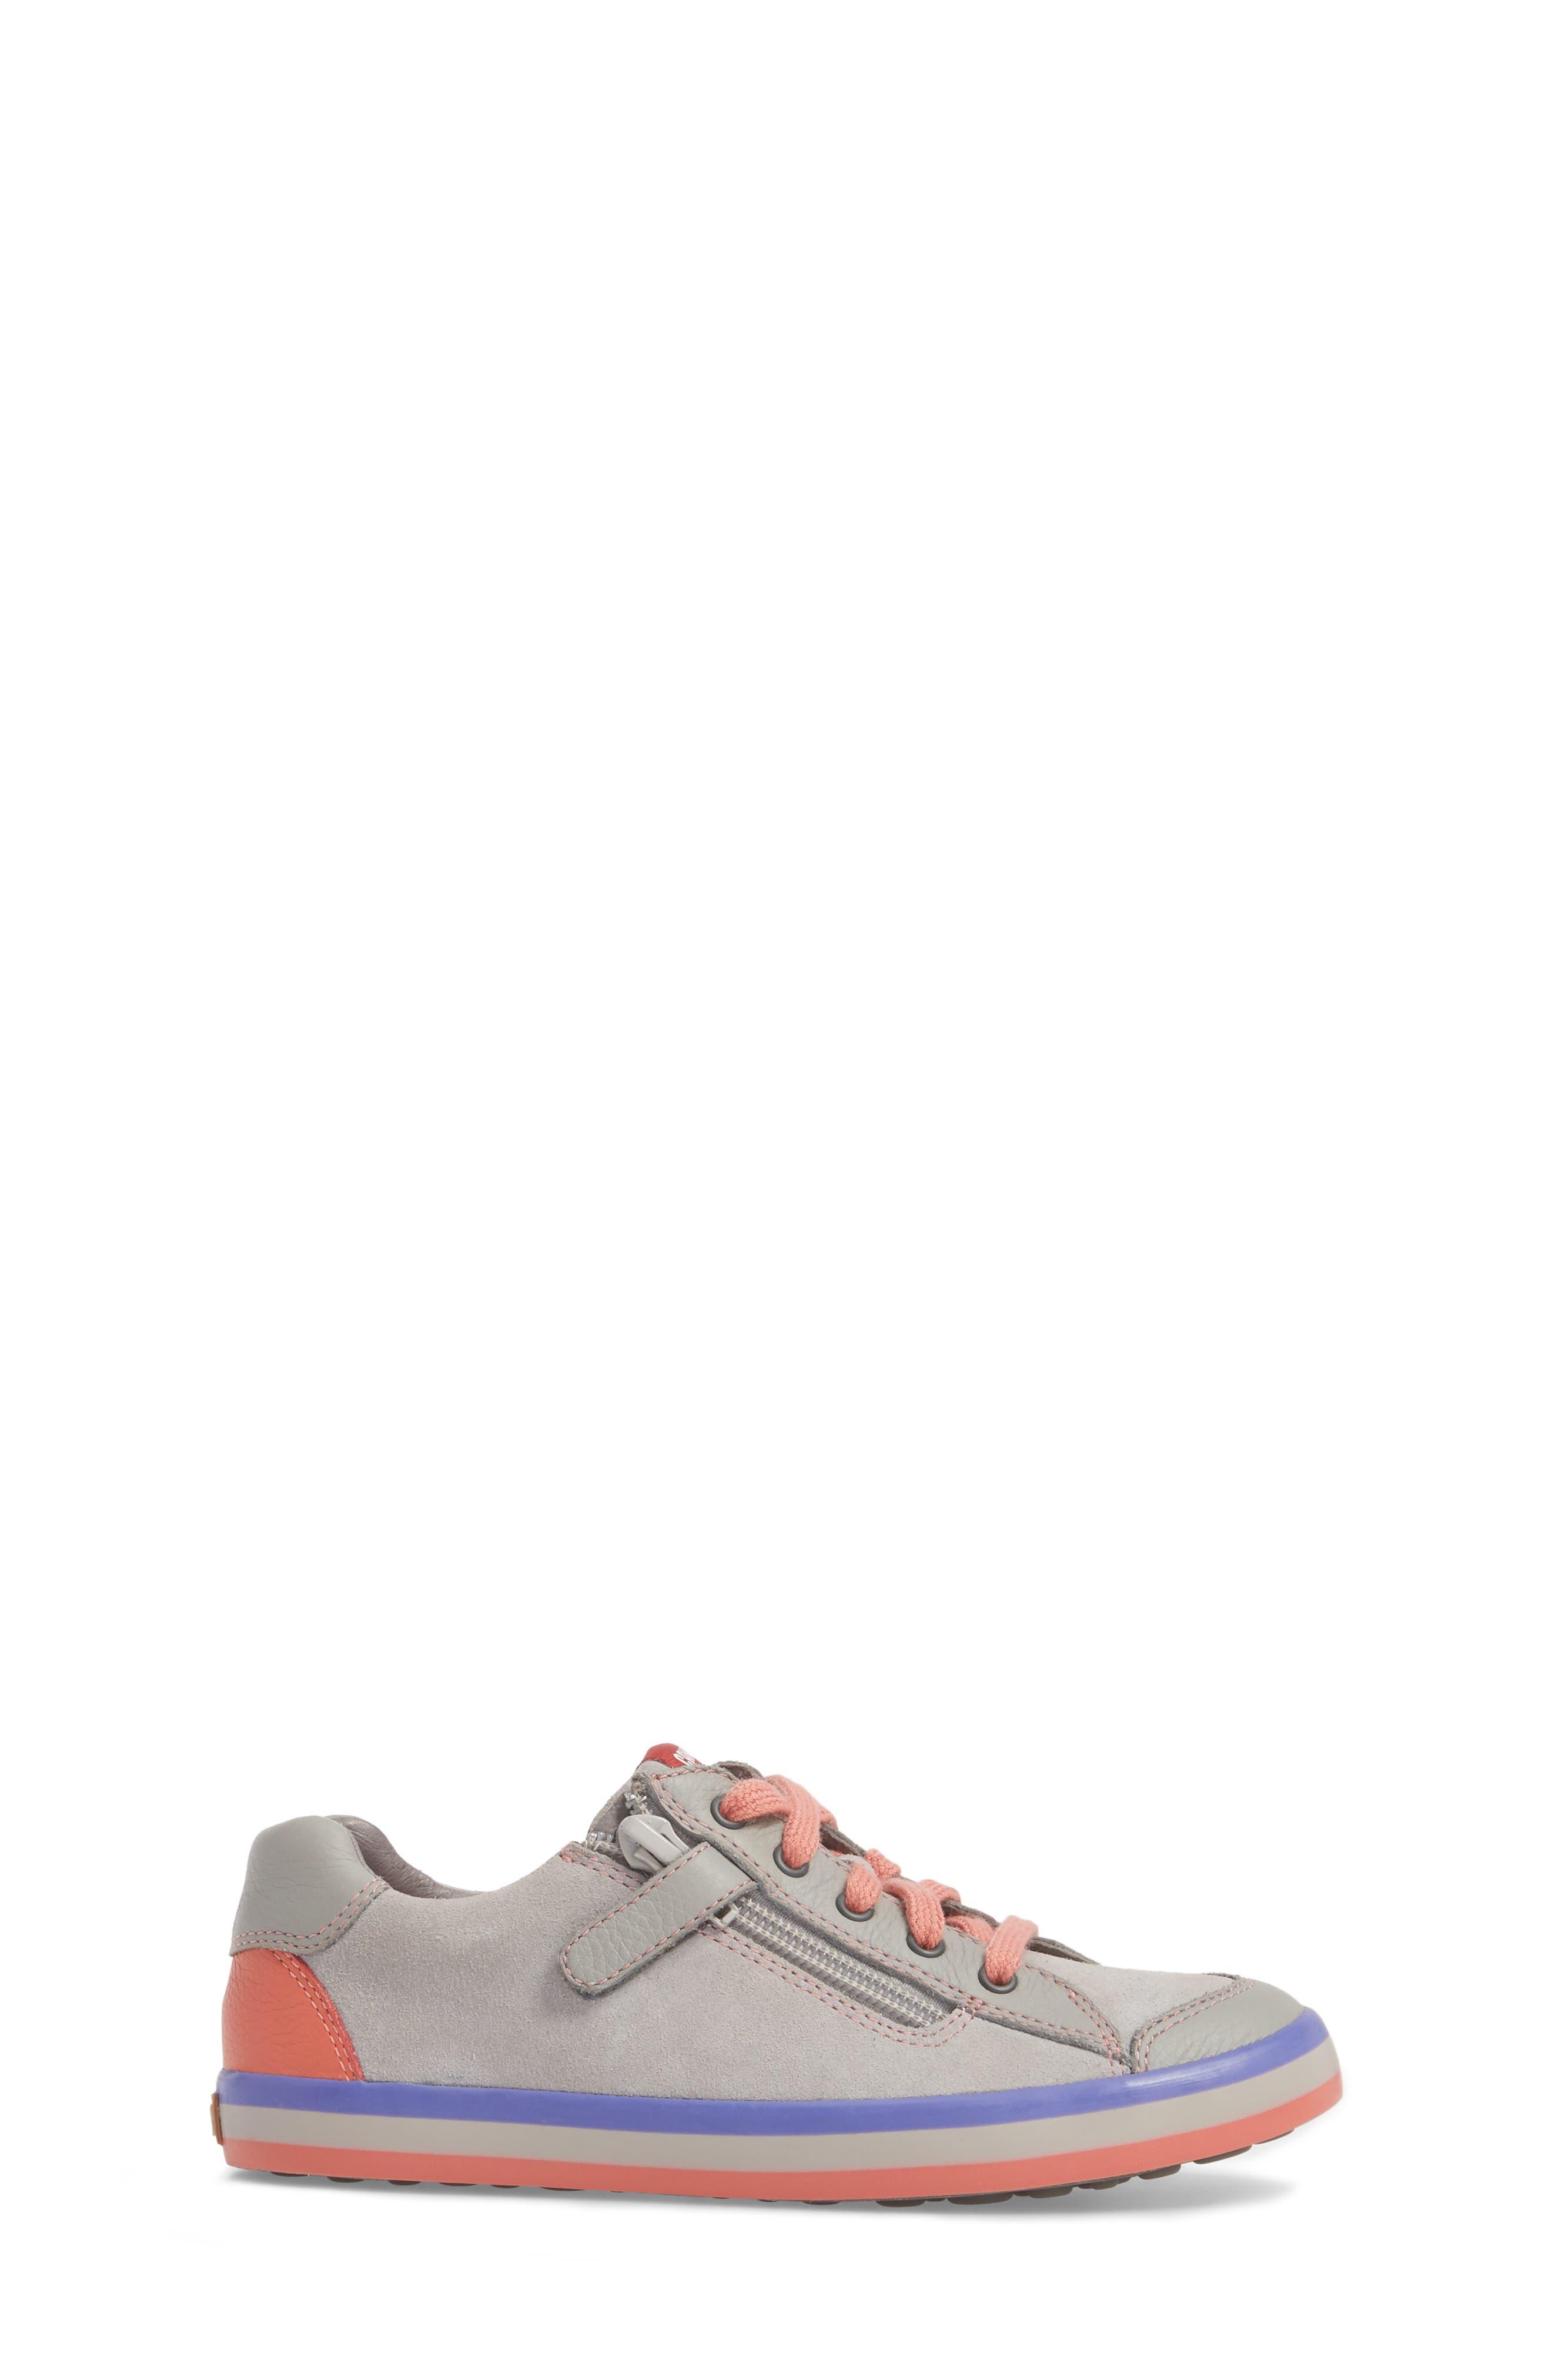 Pursuit Sneaker,                             Alternate thumbnail 3, color,                             Light Grey